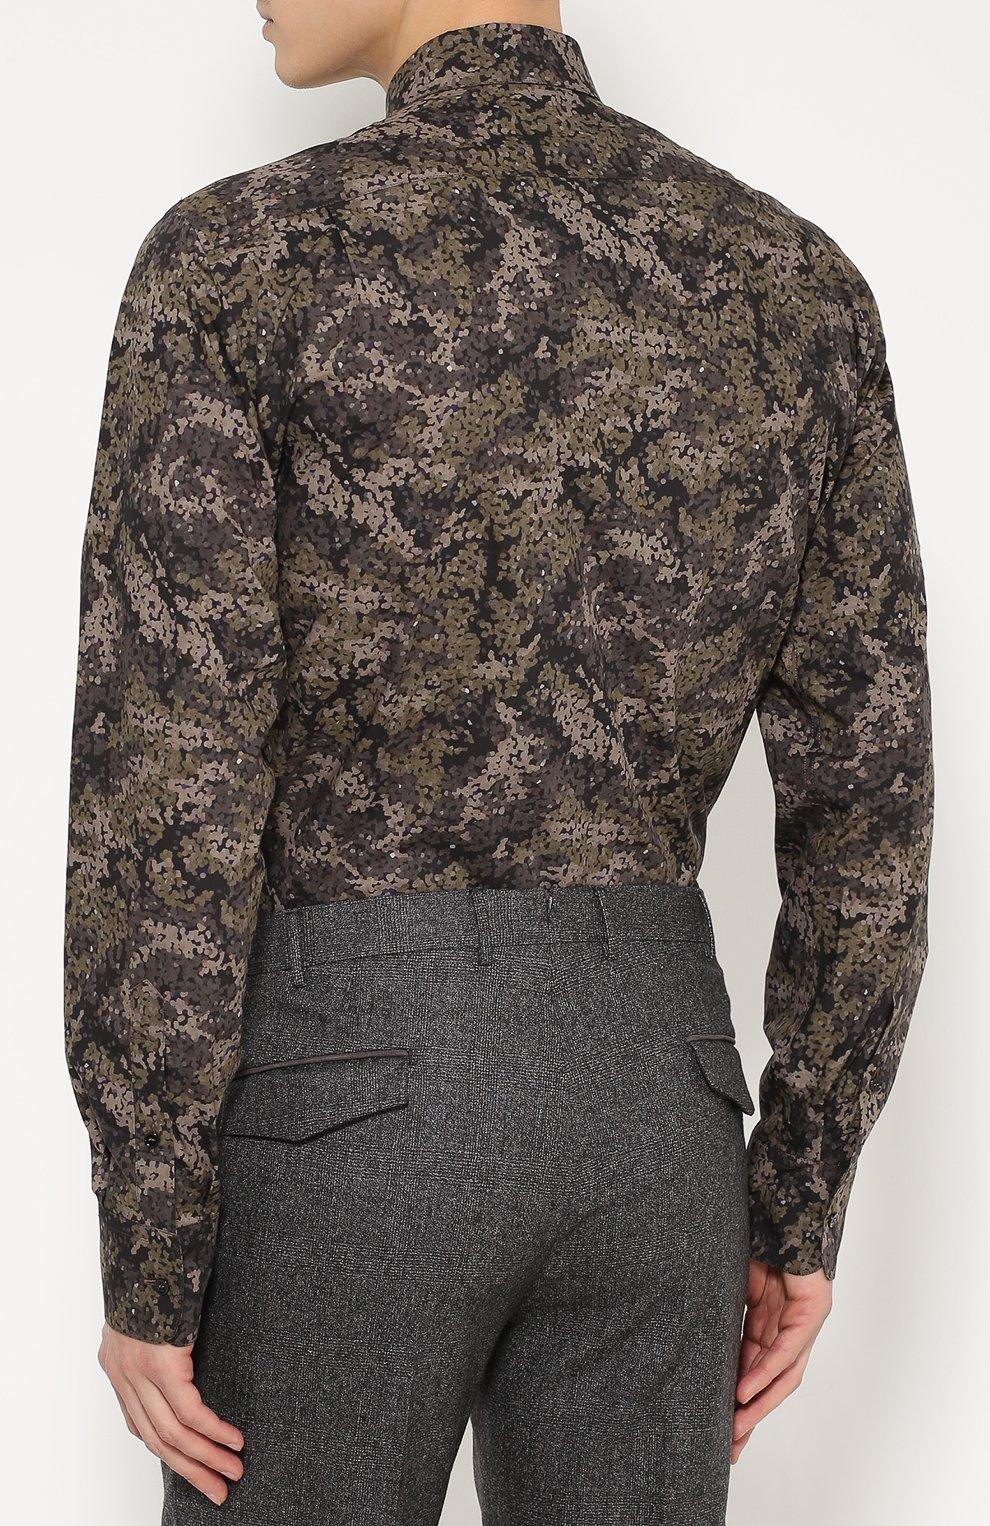 Хлопковая рубашка с камуфляжным принтом Dolce & Gabbana хаки | Фото №4